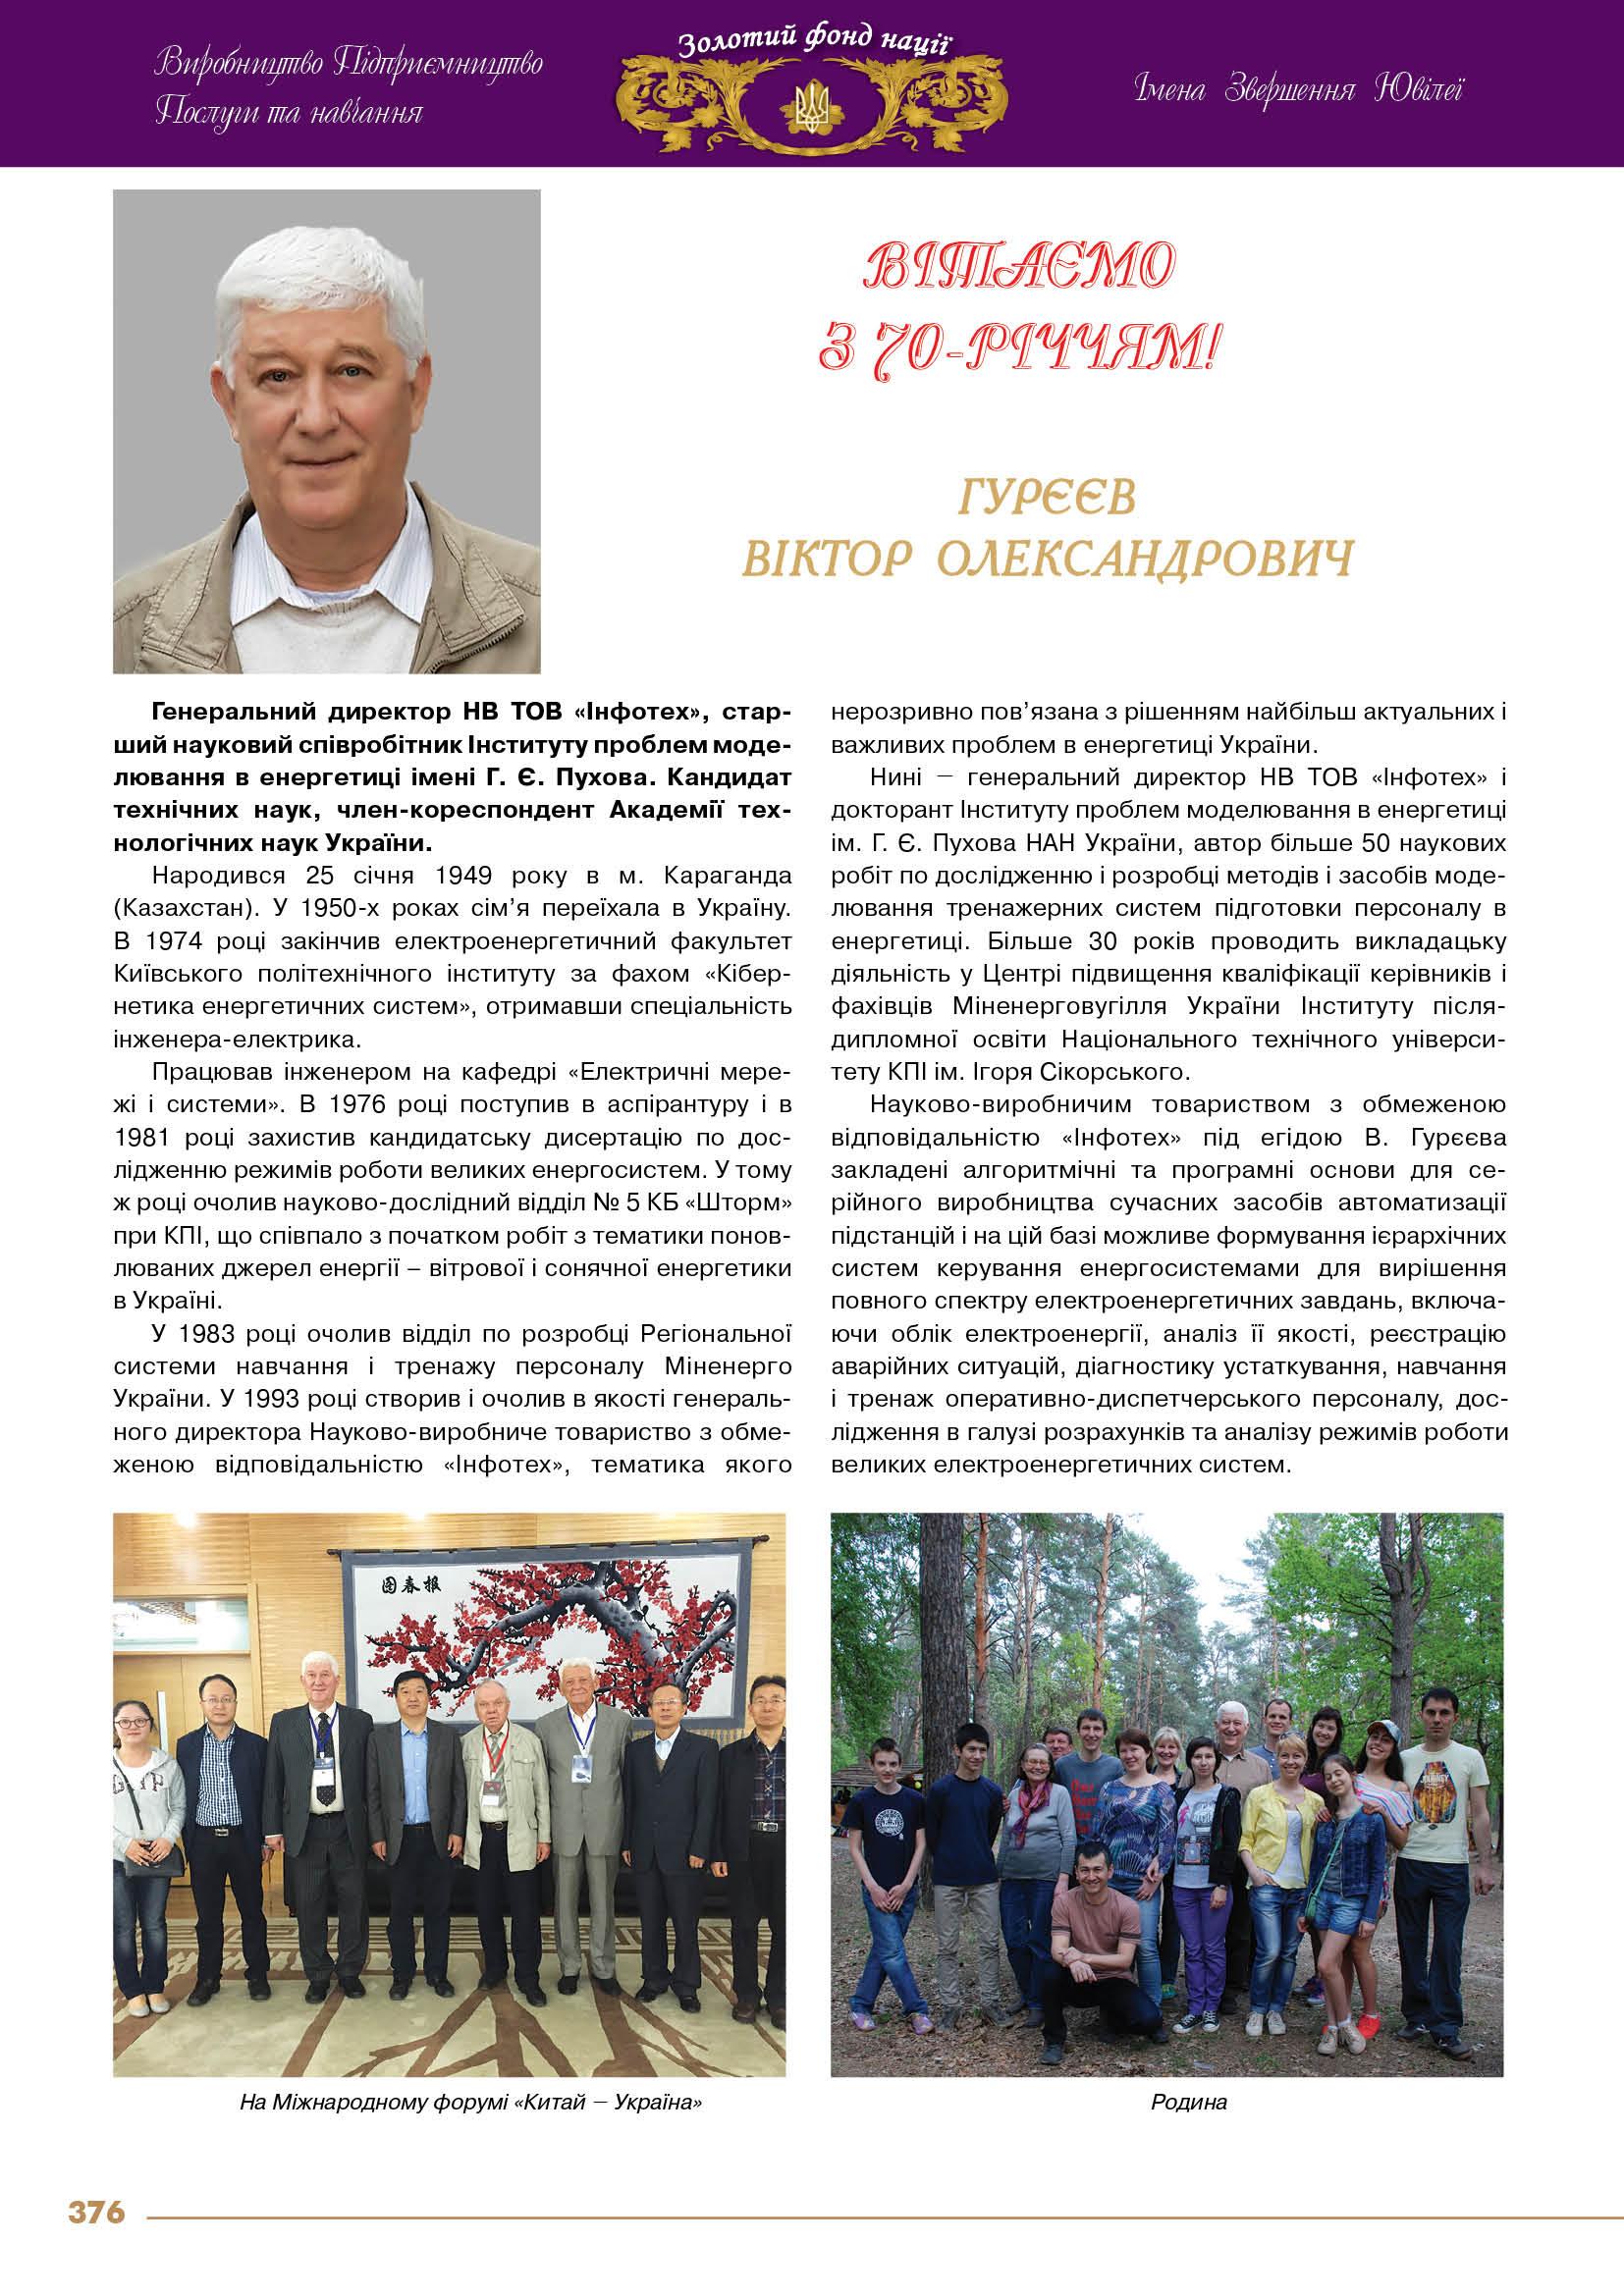 Гурєєв  Віктор  Олександрович